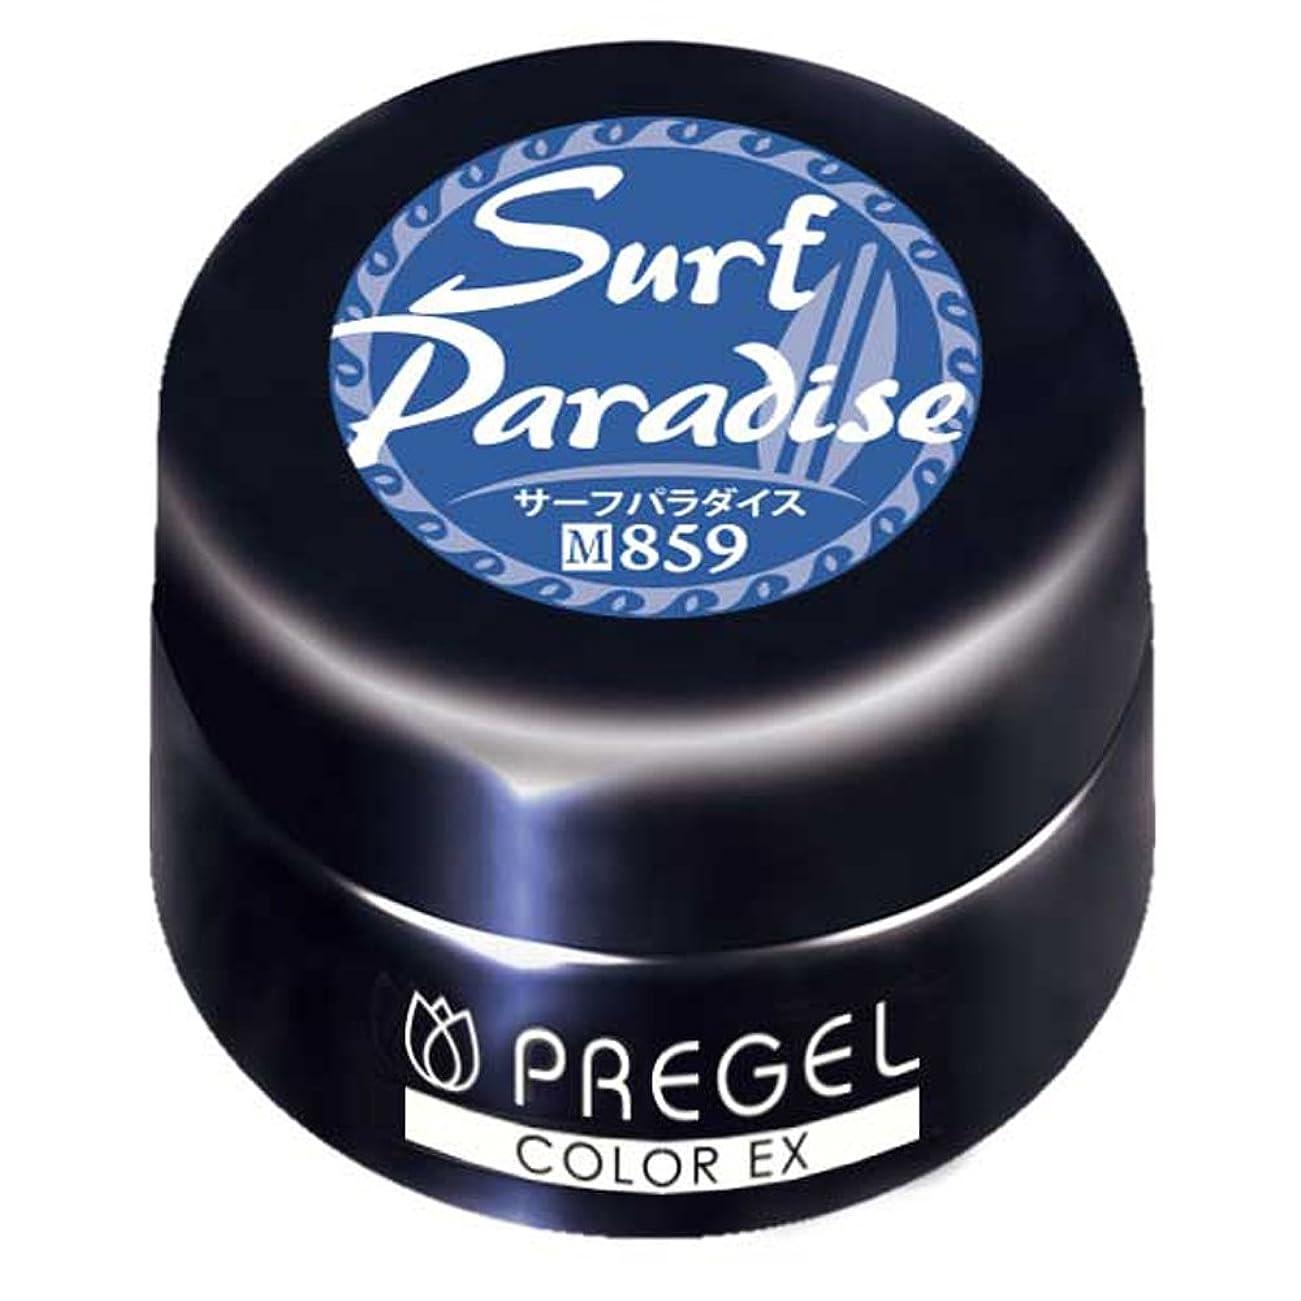 必要ないにやにやカップルPRE GEL カラーEX サーフパラダイス 859 3g UV/LED対応